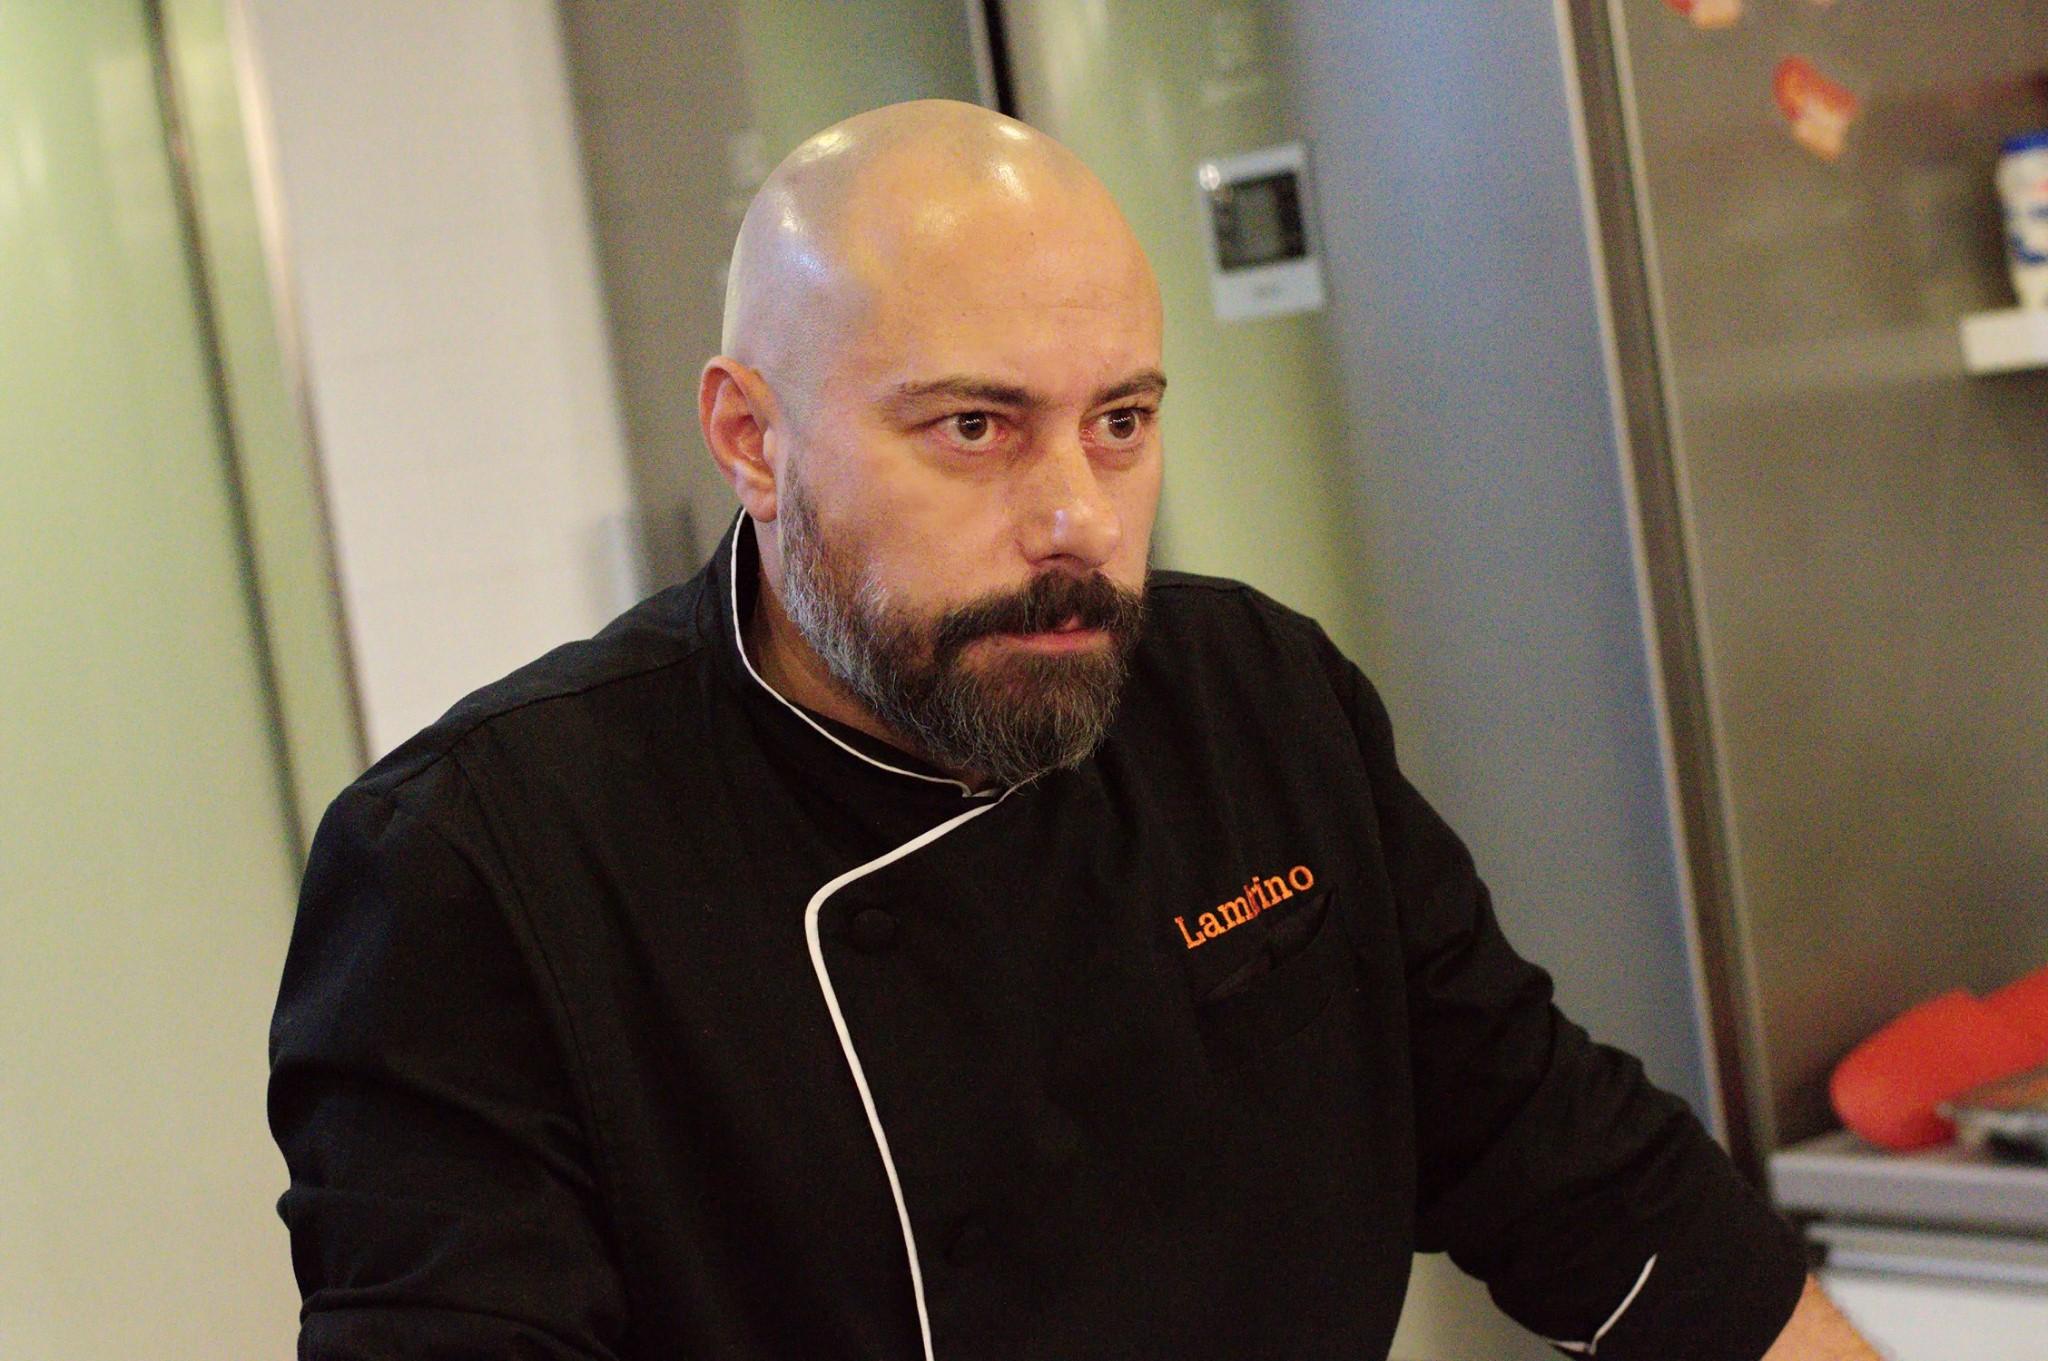 Chef Liviu Lambrino